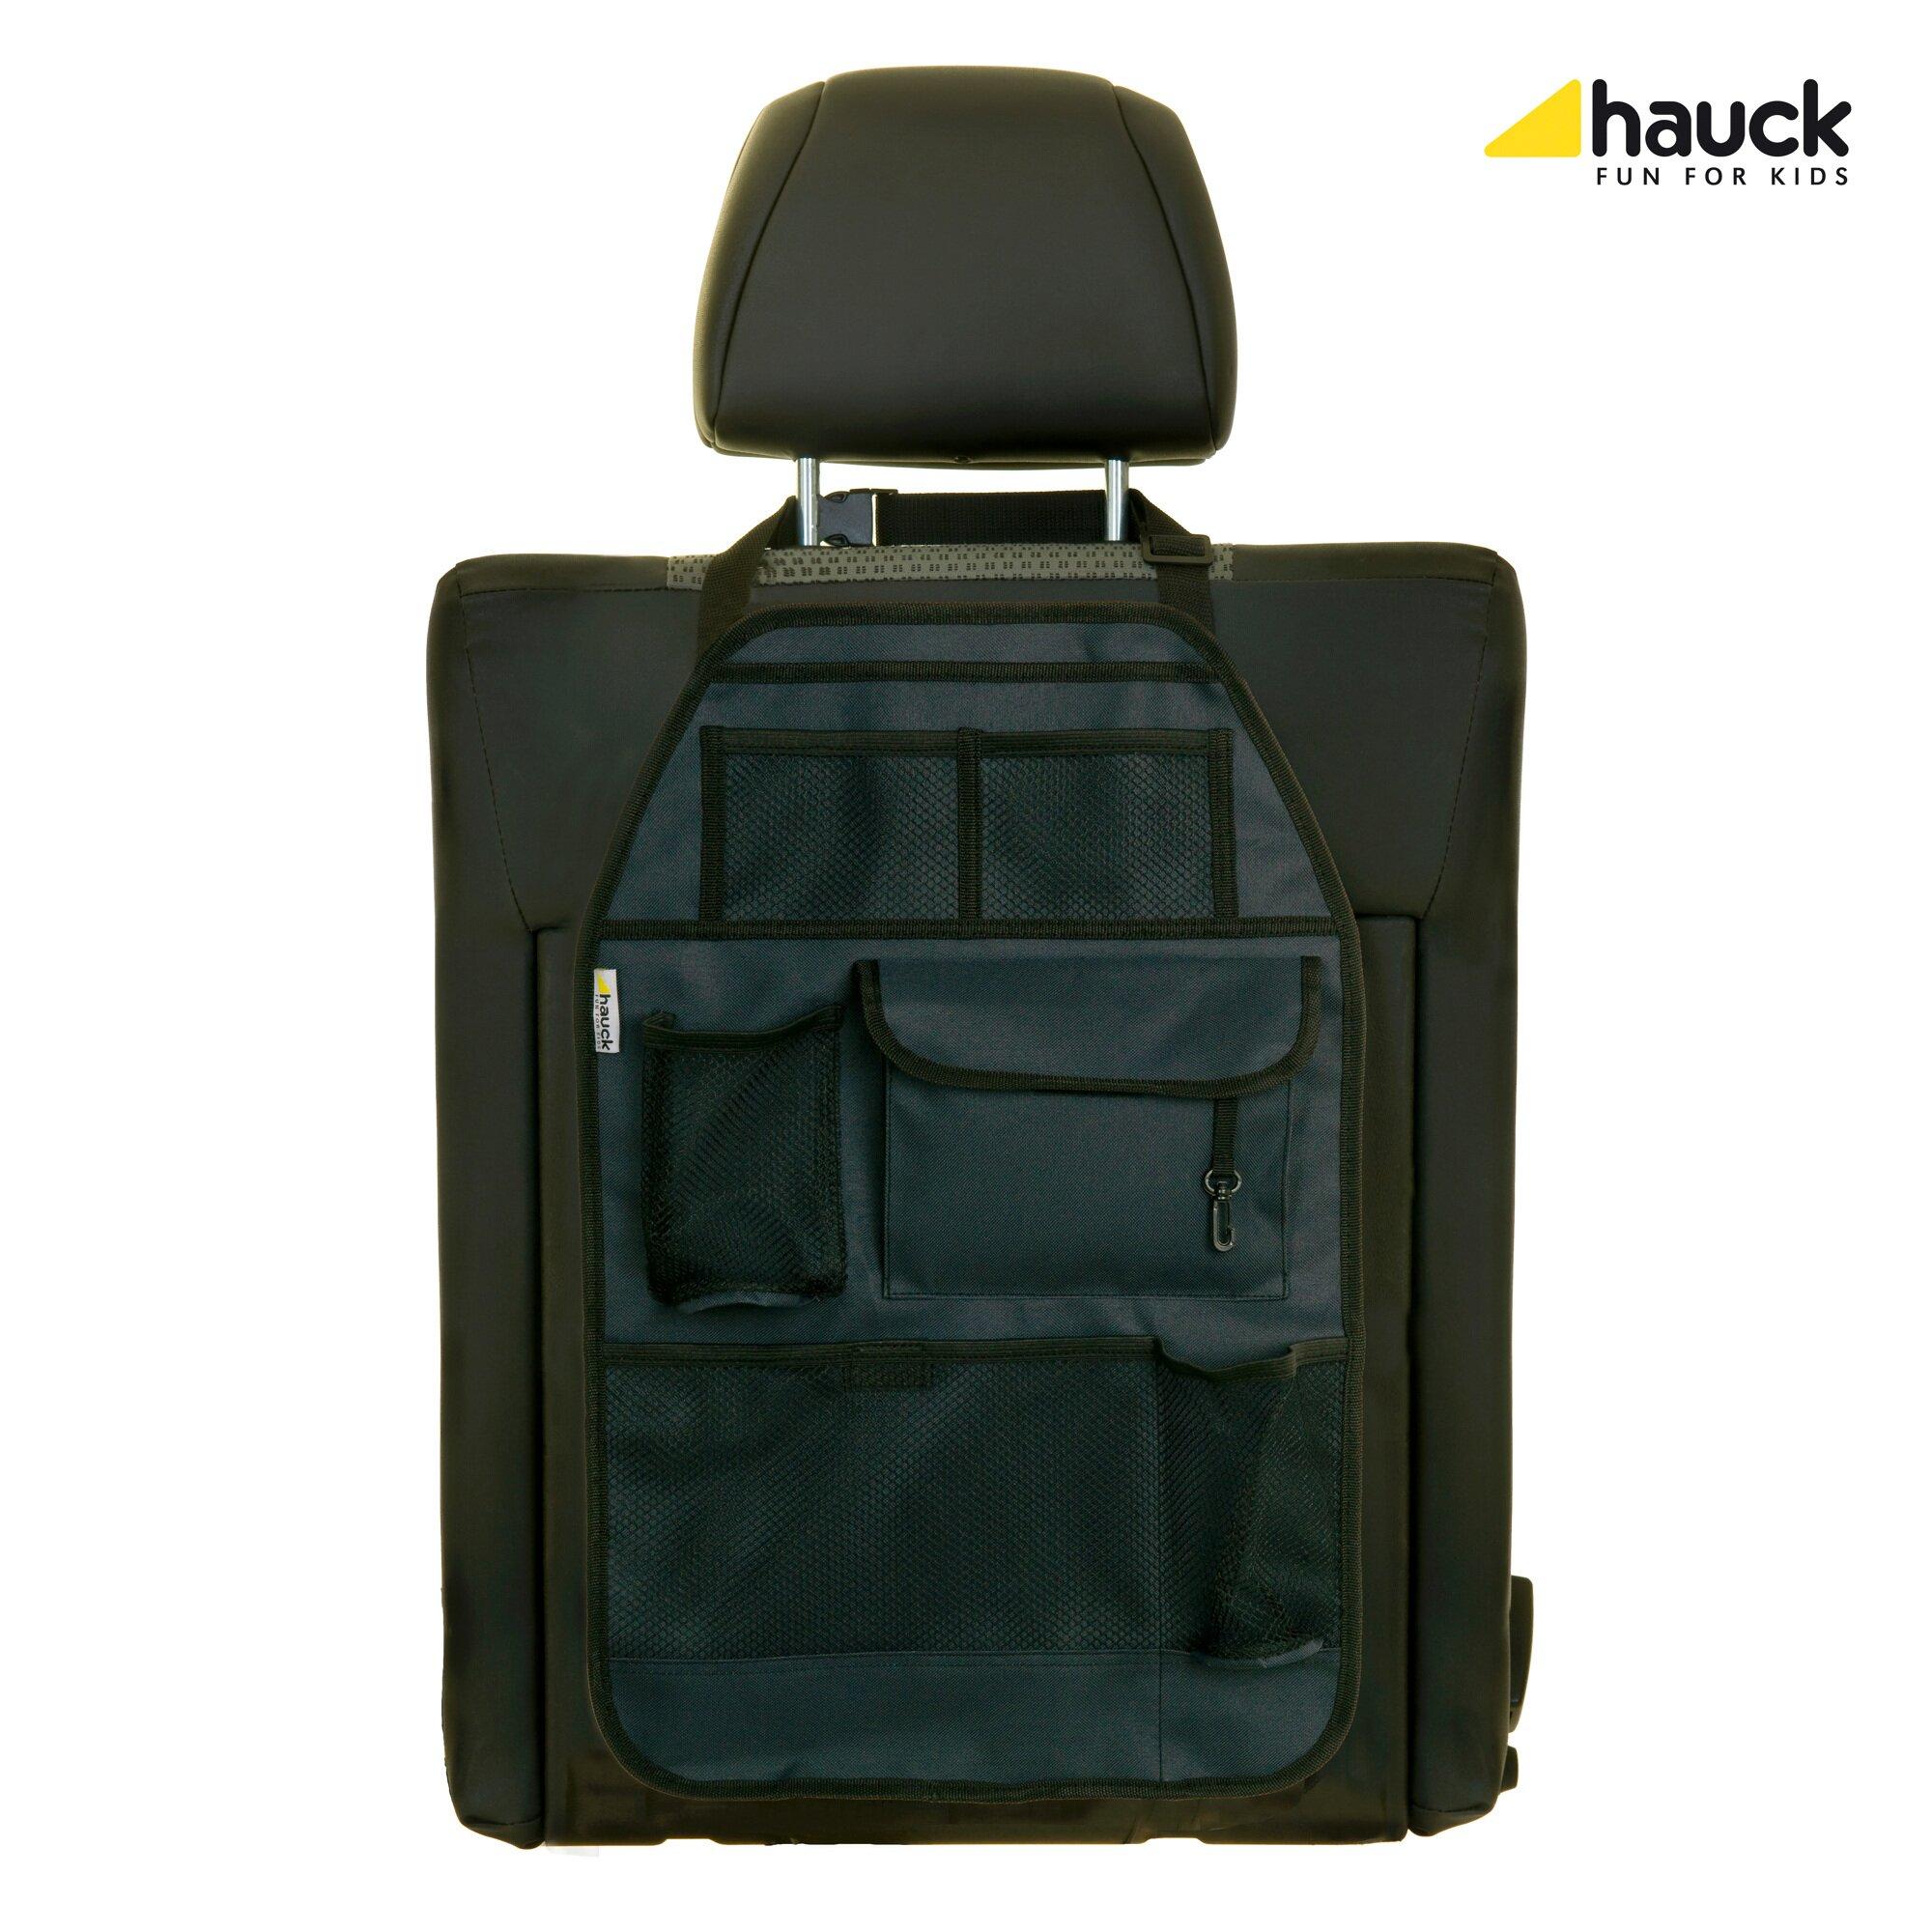 hauck-ruckenlehnen-spielzeugtasche-cover-me-deluxe